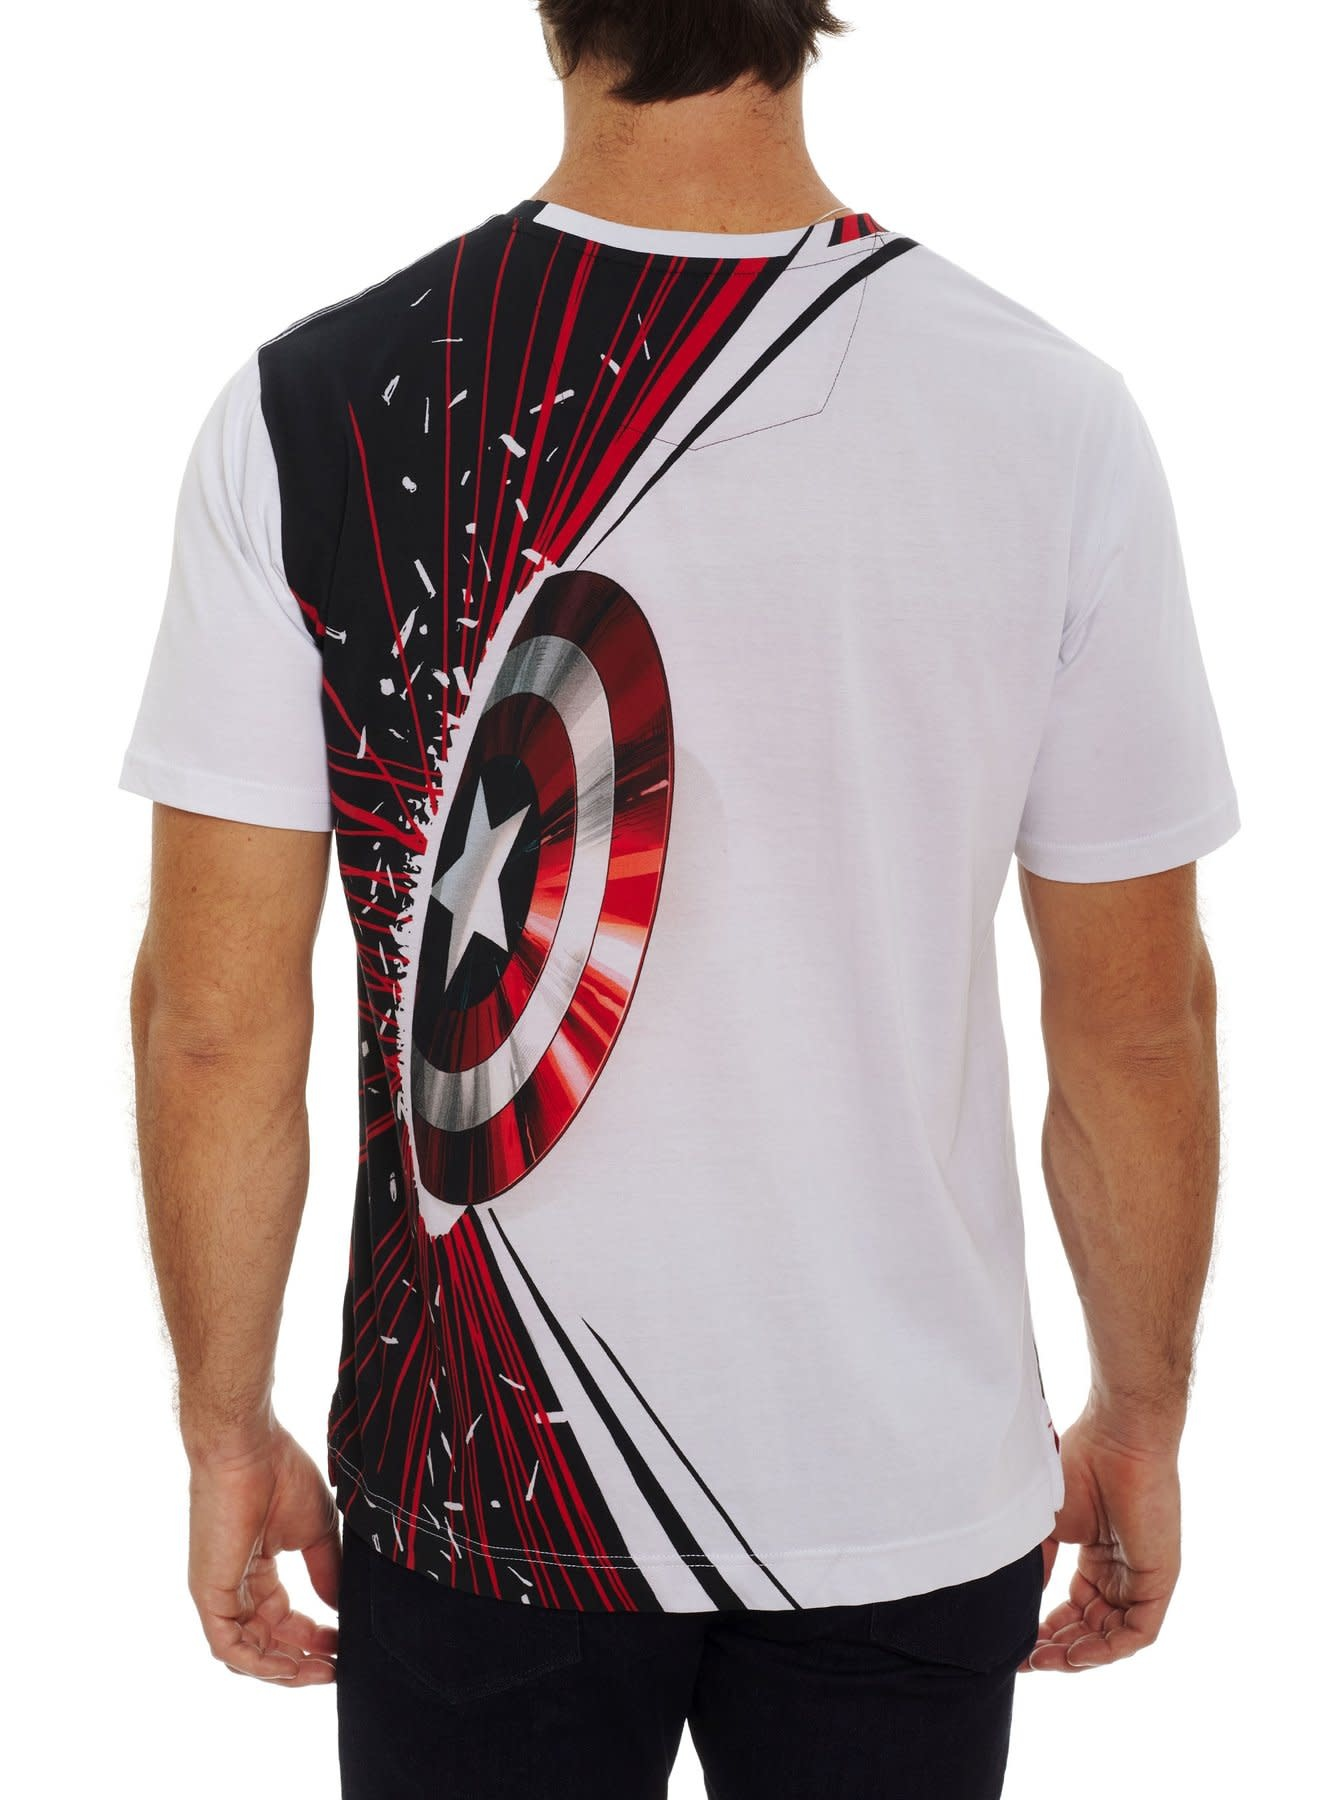 ROBERT GRAHAM Robert Graham Captain America Tshirt Courage & Power